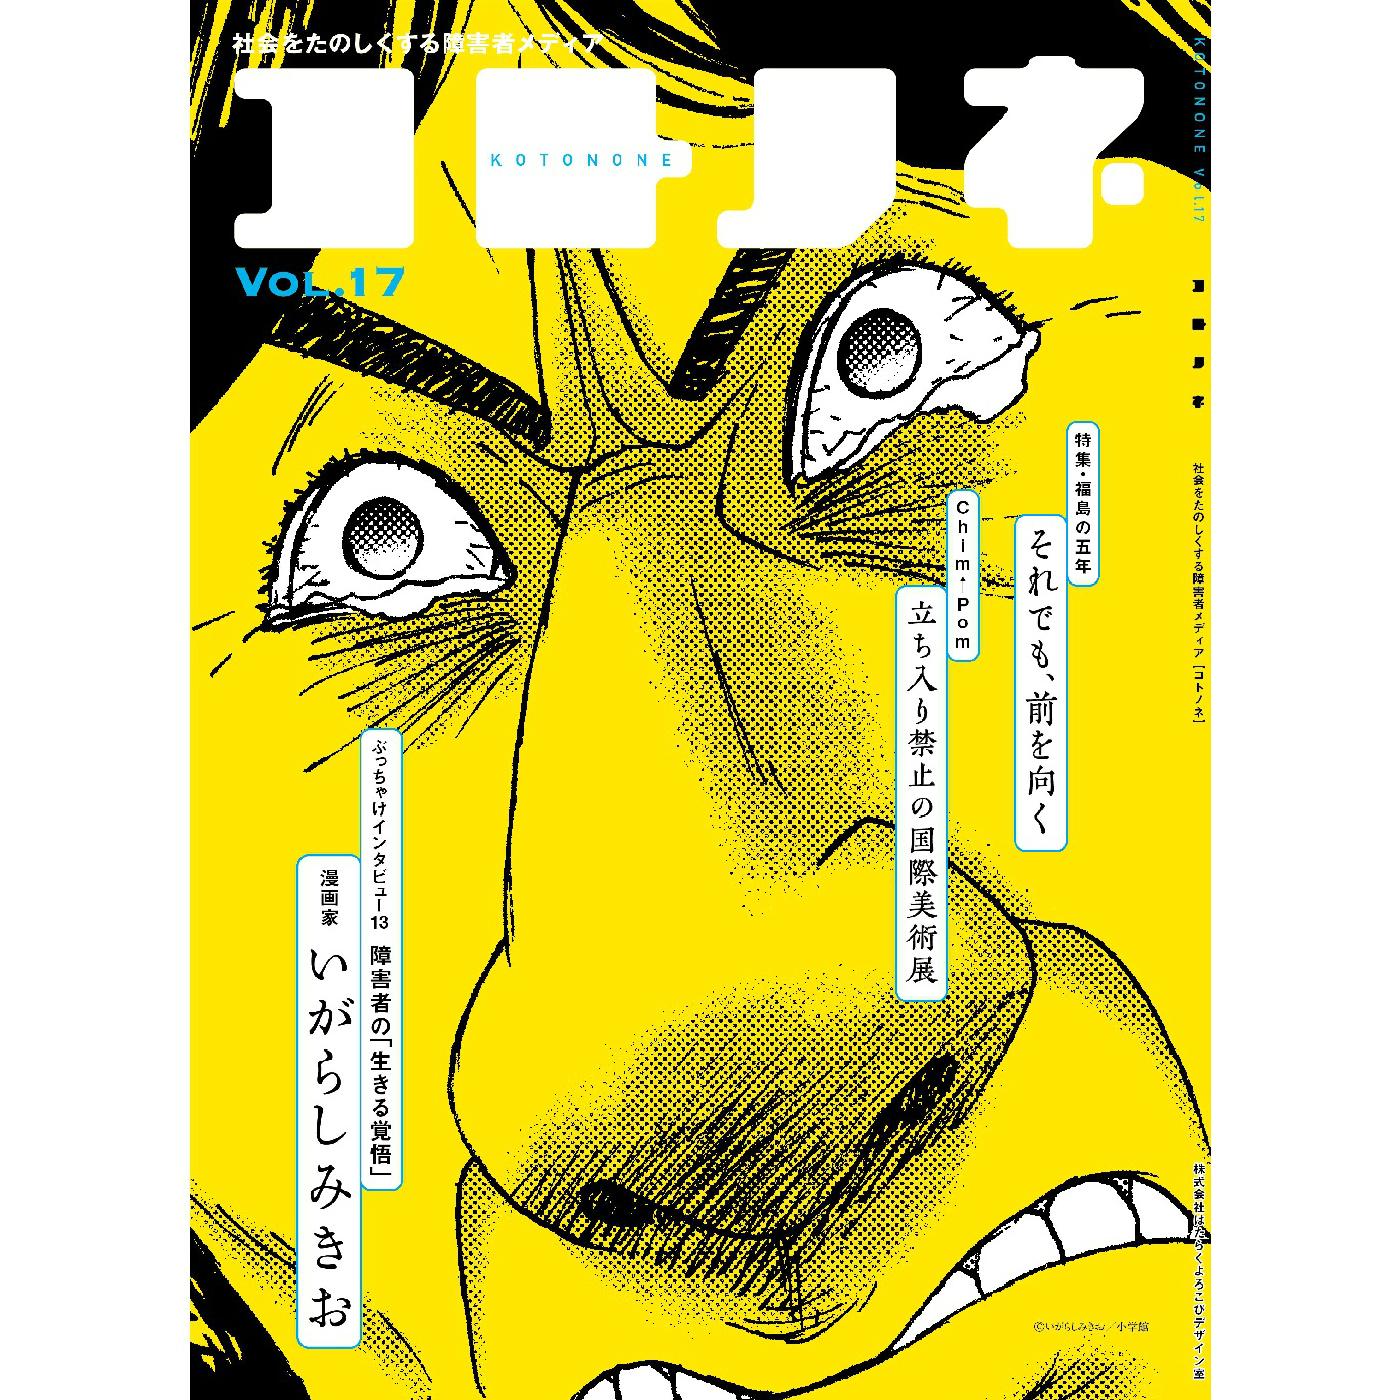 フェリシモ 社会をたのしくする障害者メディア 雑誌 コトノネ Vol.17